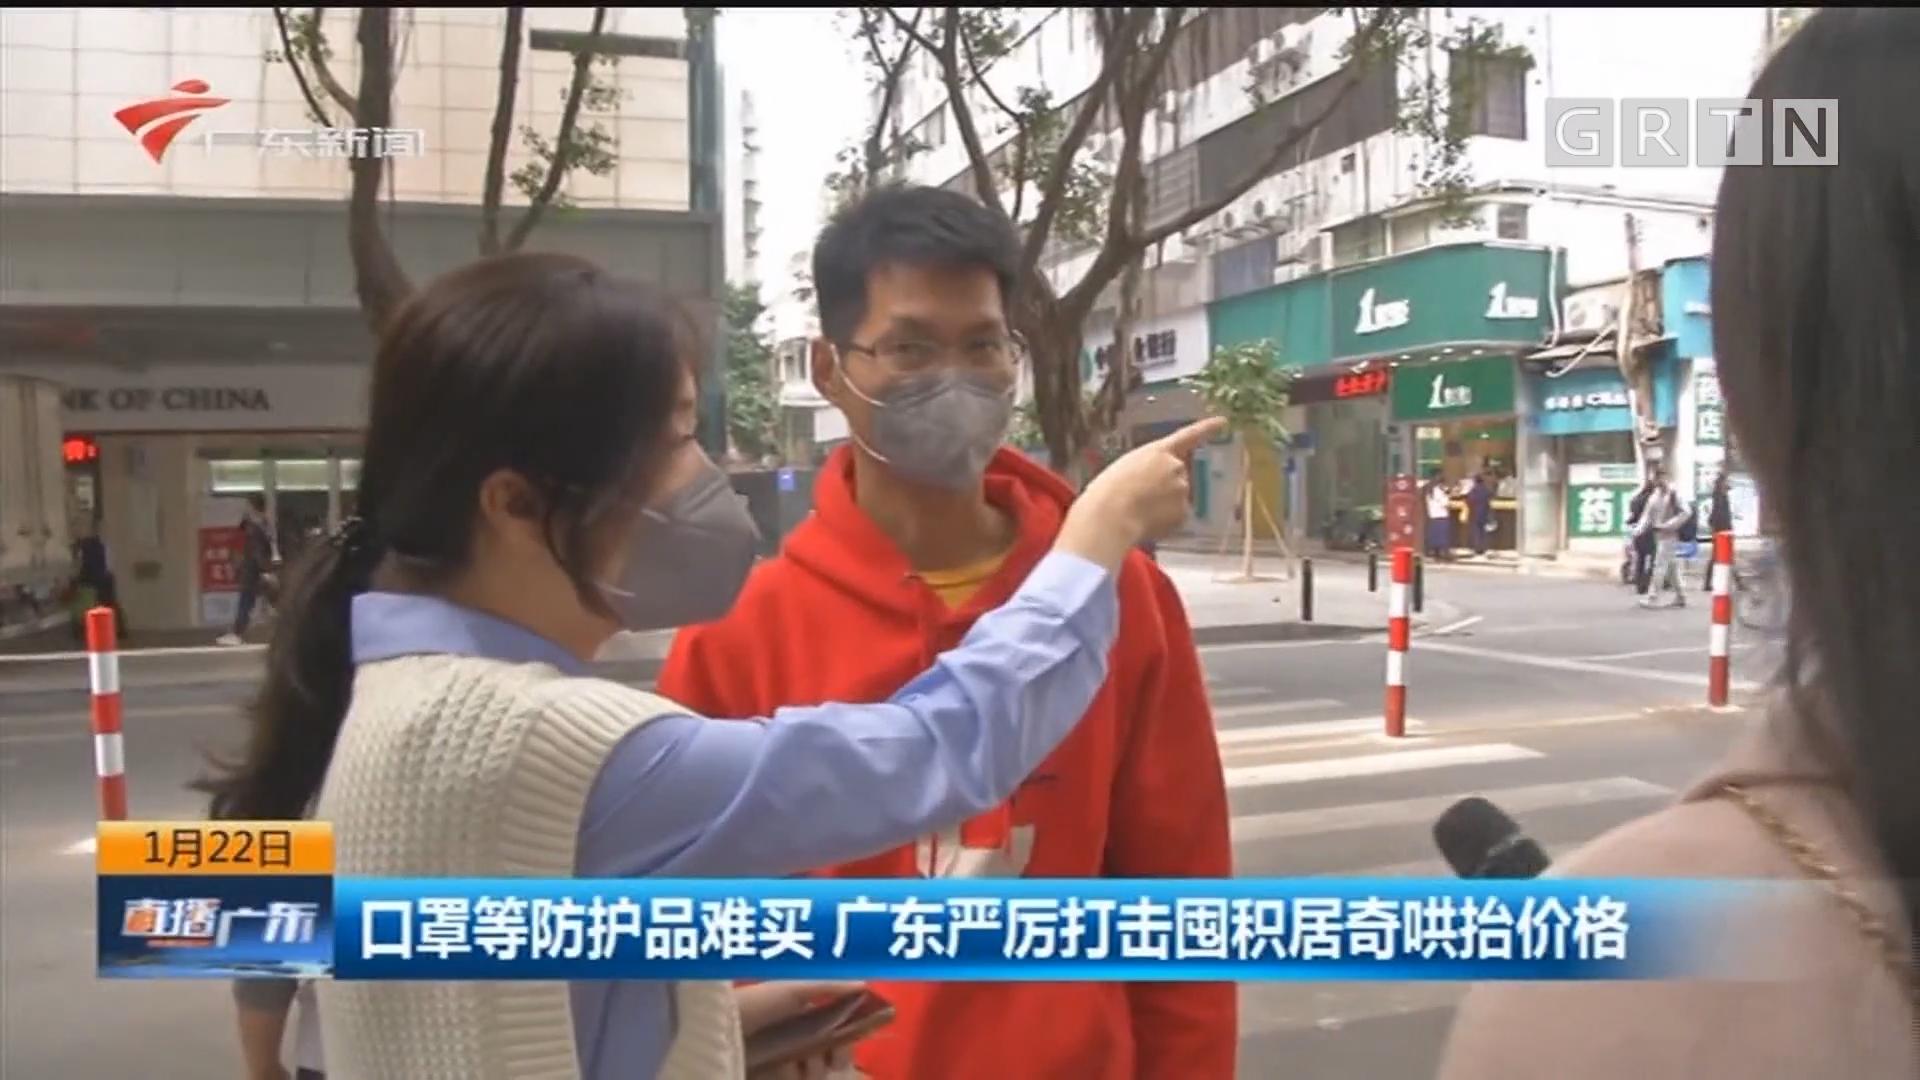 口罩等防护品难买 广东严厉打击囤积居奇哄抬价格